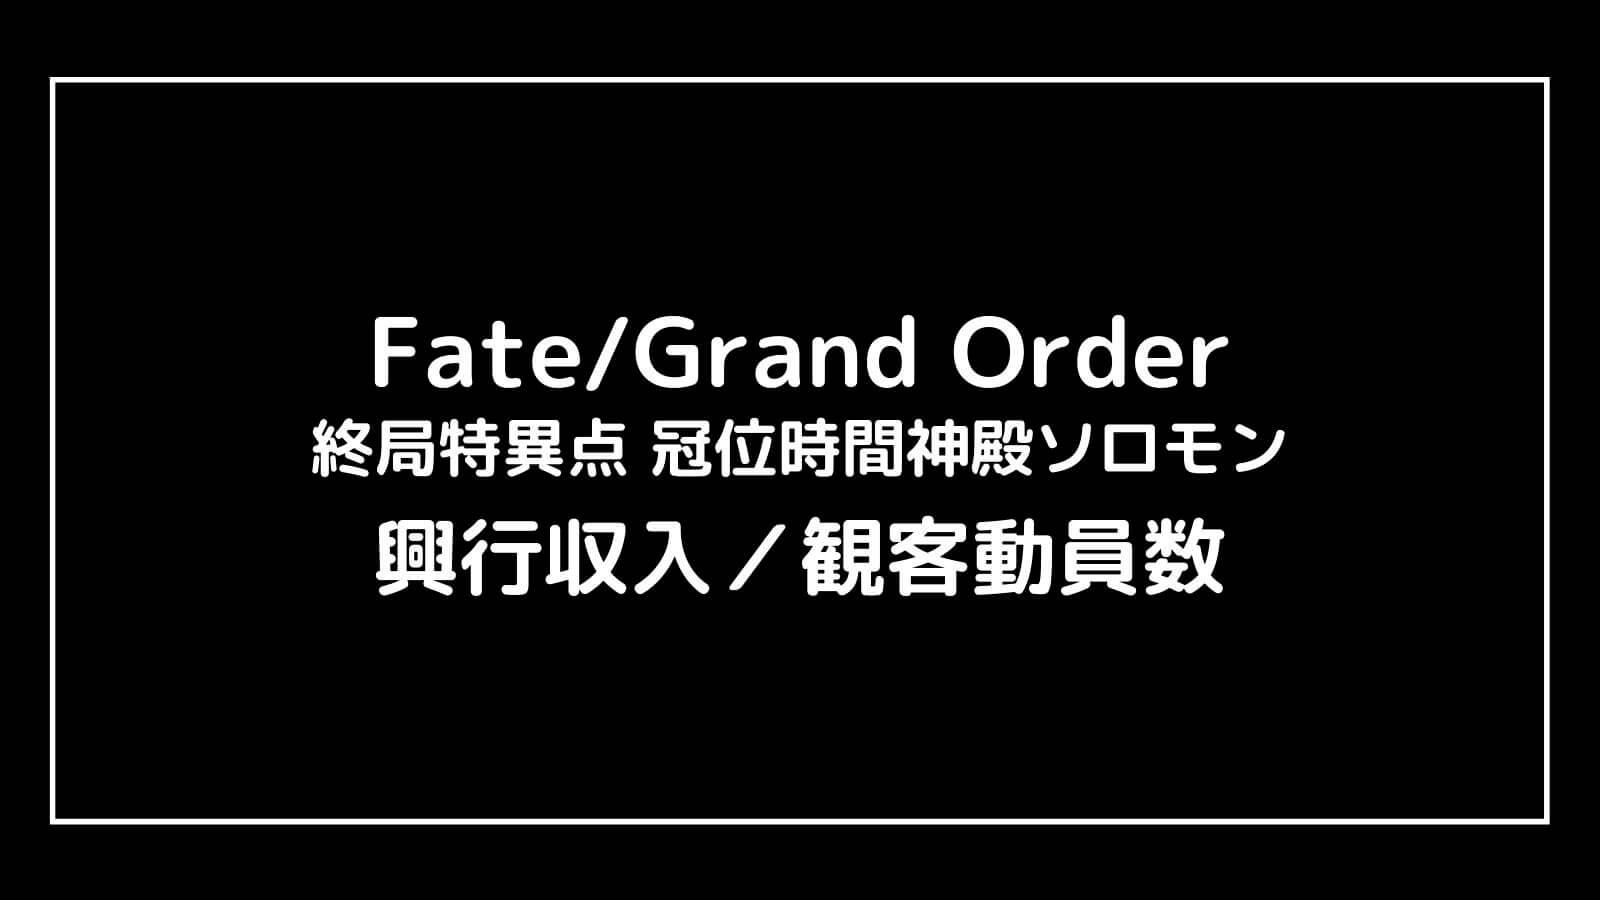 映画『Fate/Grand Order 終局特異点』興行収入推移と最終興収を元映画館社員が予想【冠位時間神殿ソロモン】